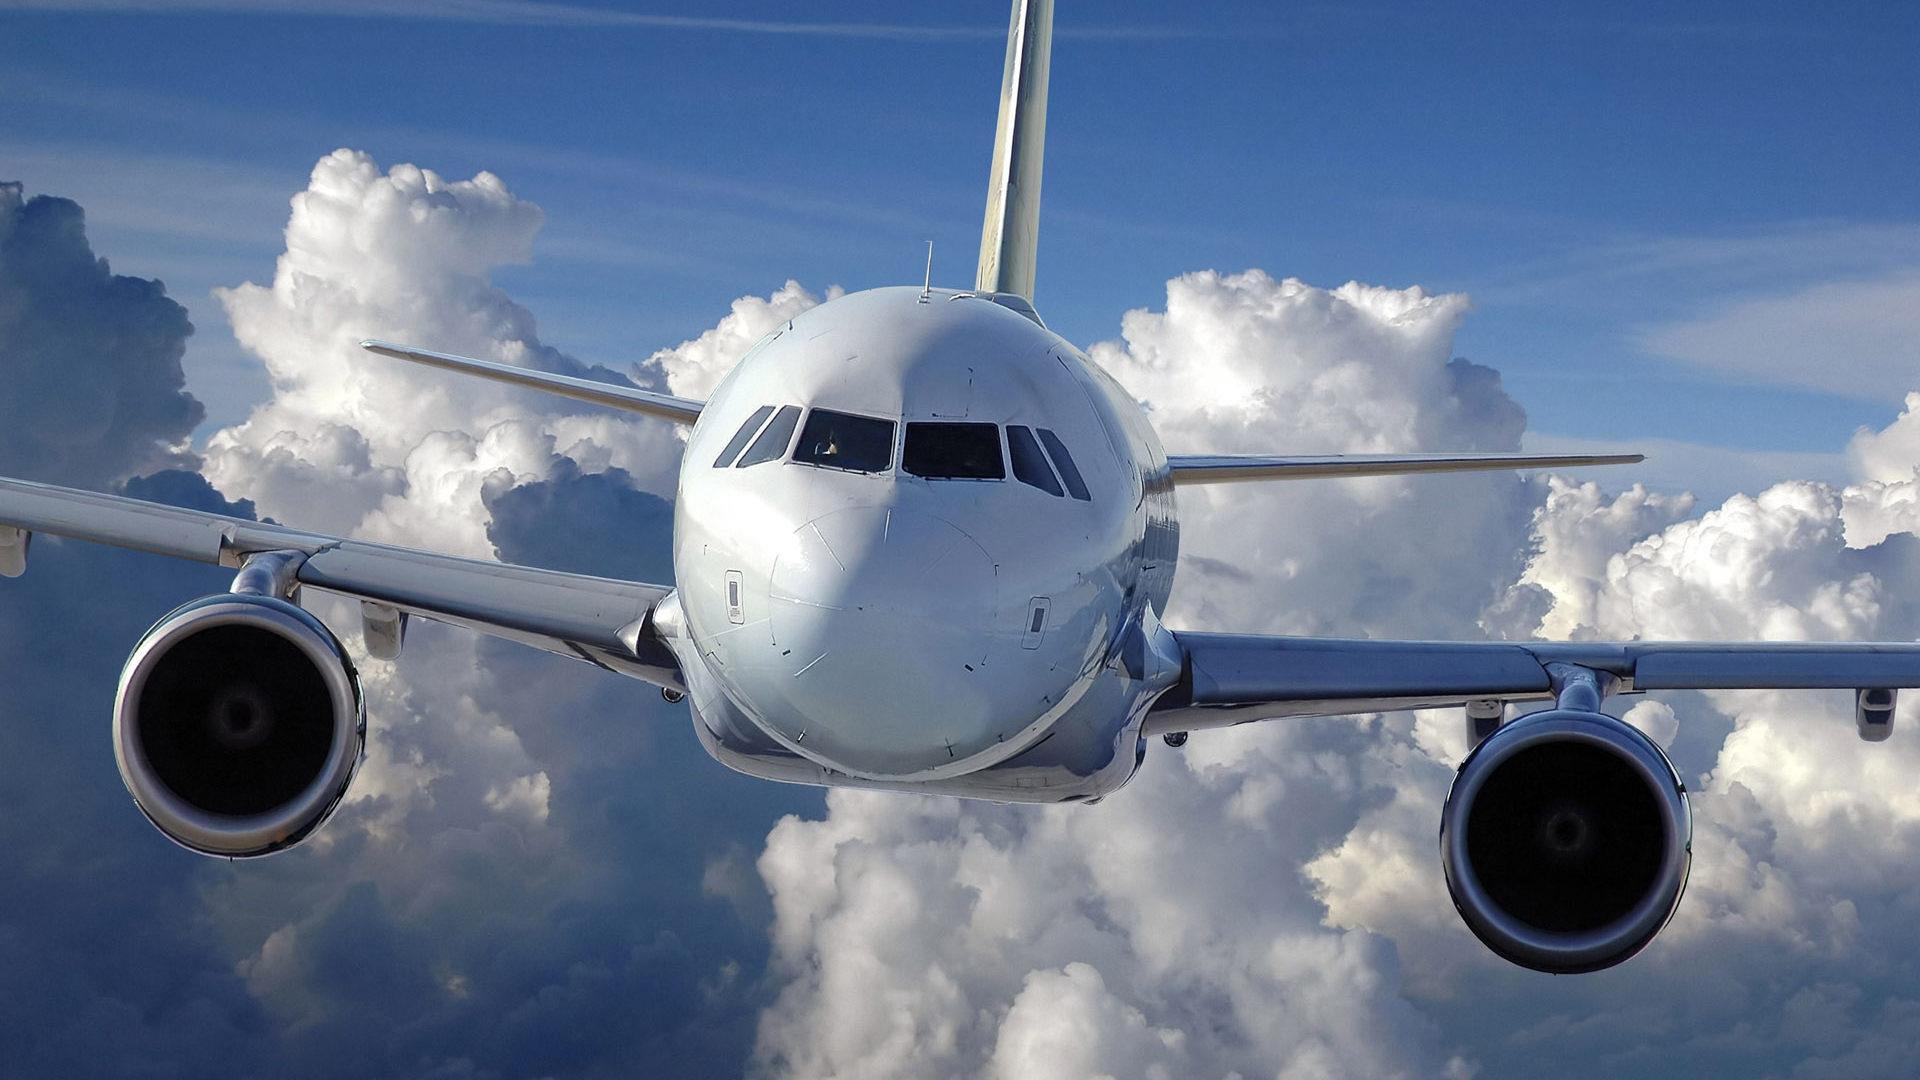 Как не заразиться в самолете: советы профессионалов